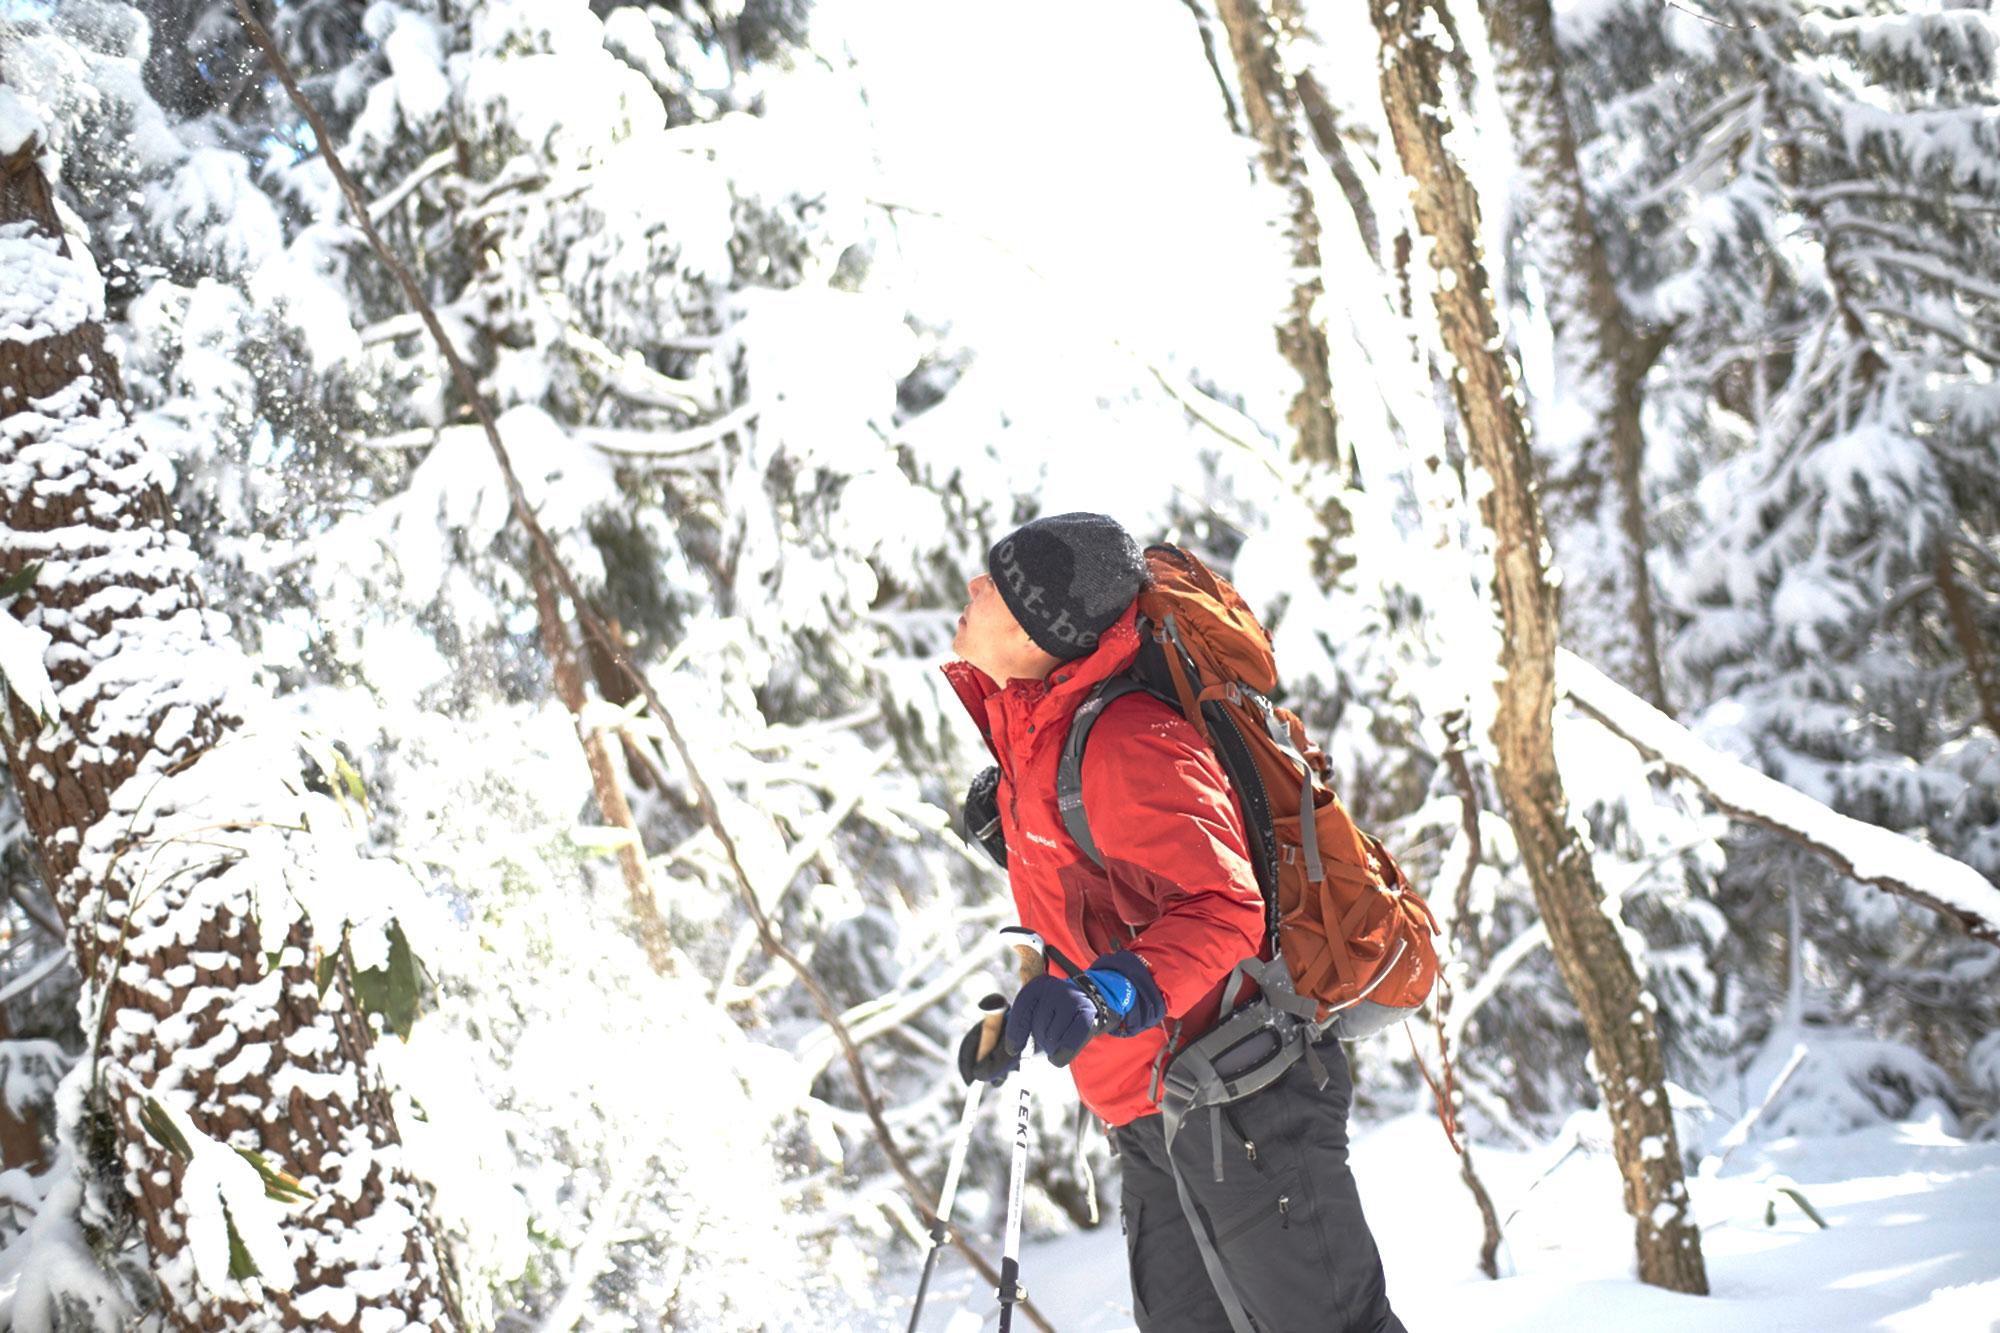 【キャンセル待ち】白神山地 雪山登山!白銀のブナ林